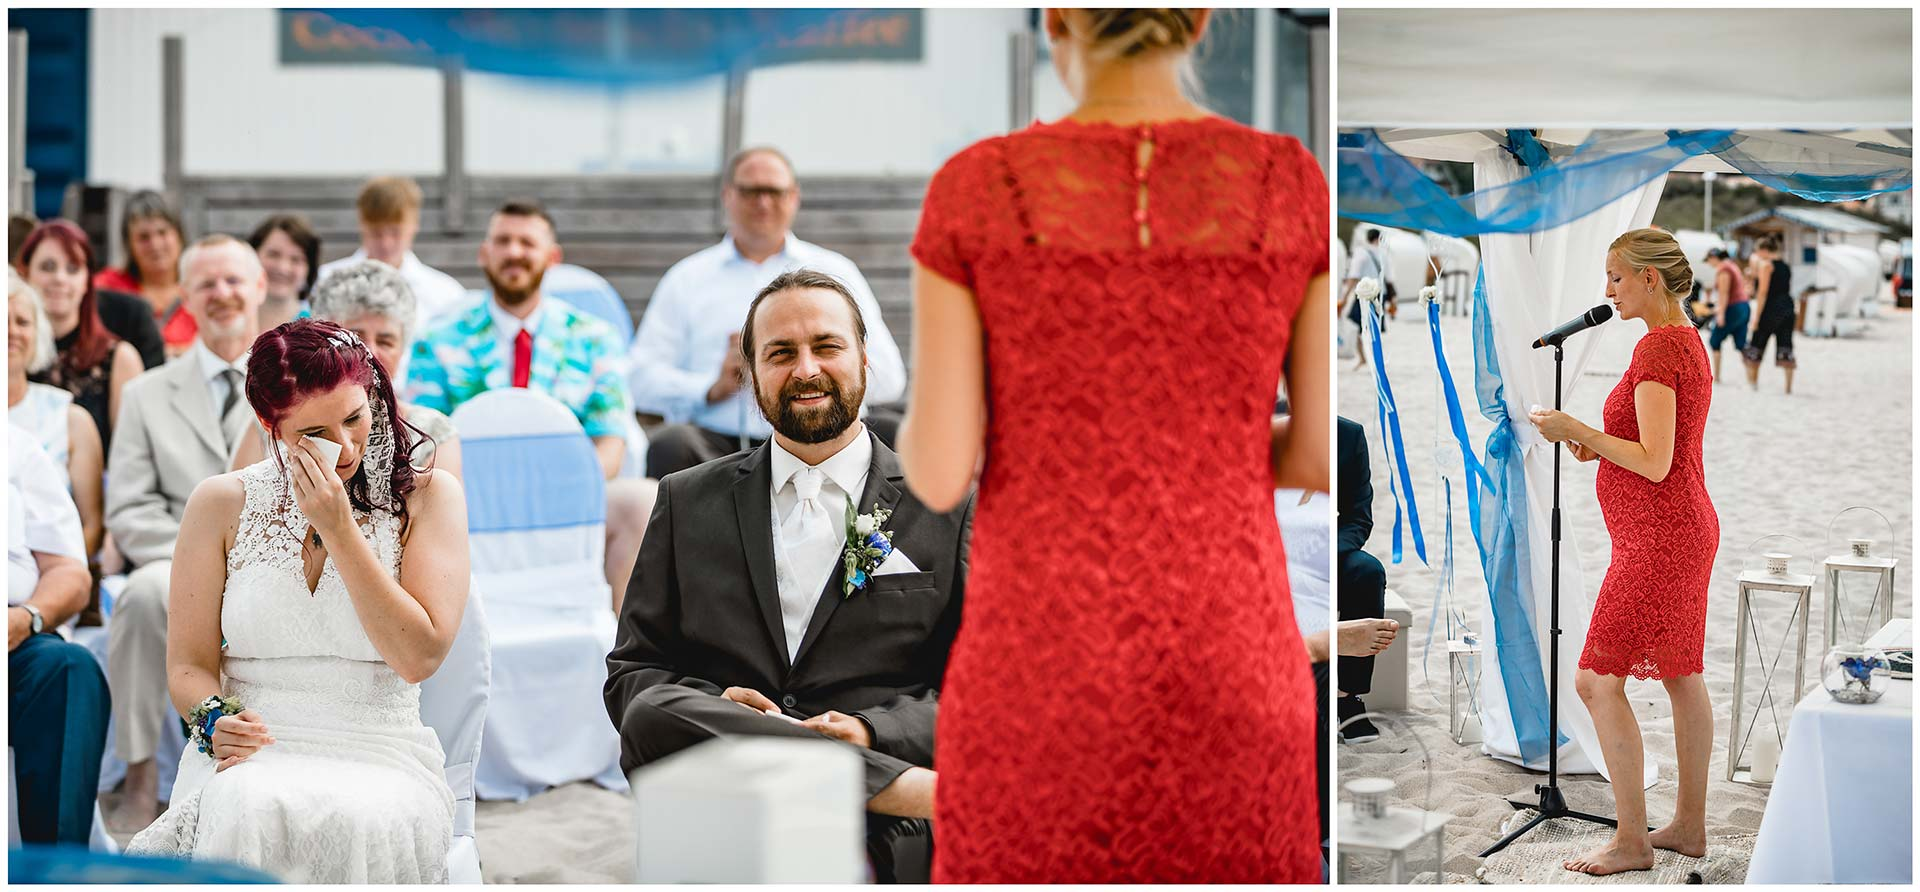 Trauzeugin-haelt-eine-Rede-bei-der-Freien-Trauung-am-Strand-Hochzeit-am-Strand-Hochzeitsfotograf-Warnemuende-Hochzeitsfotograf-Rostock-Hochzeitsfotograf-Ostseebad-Warnemuende